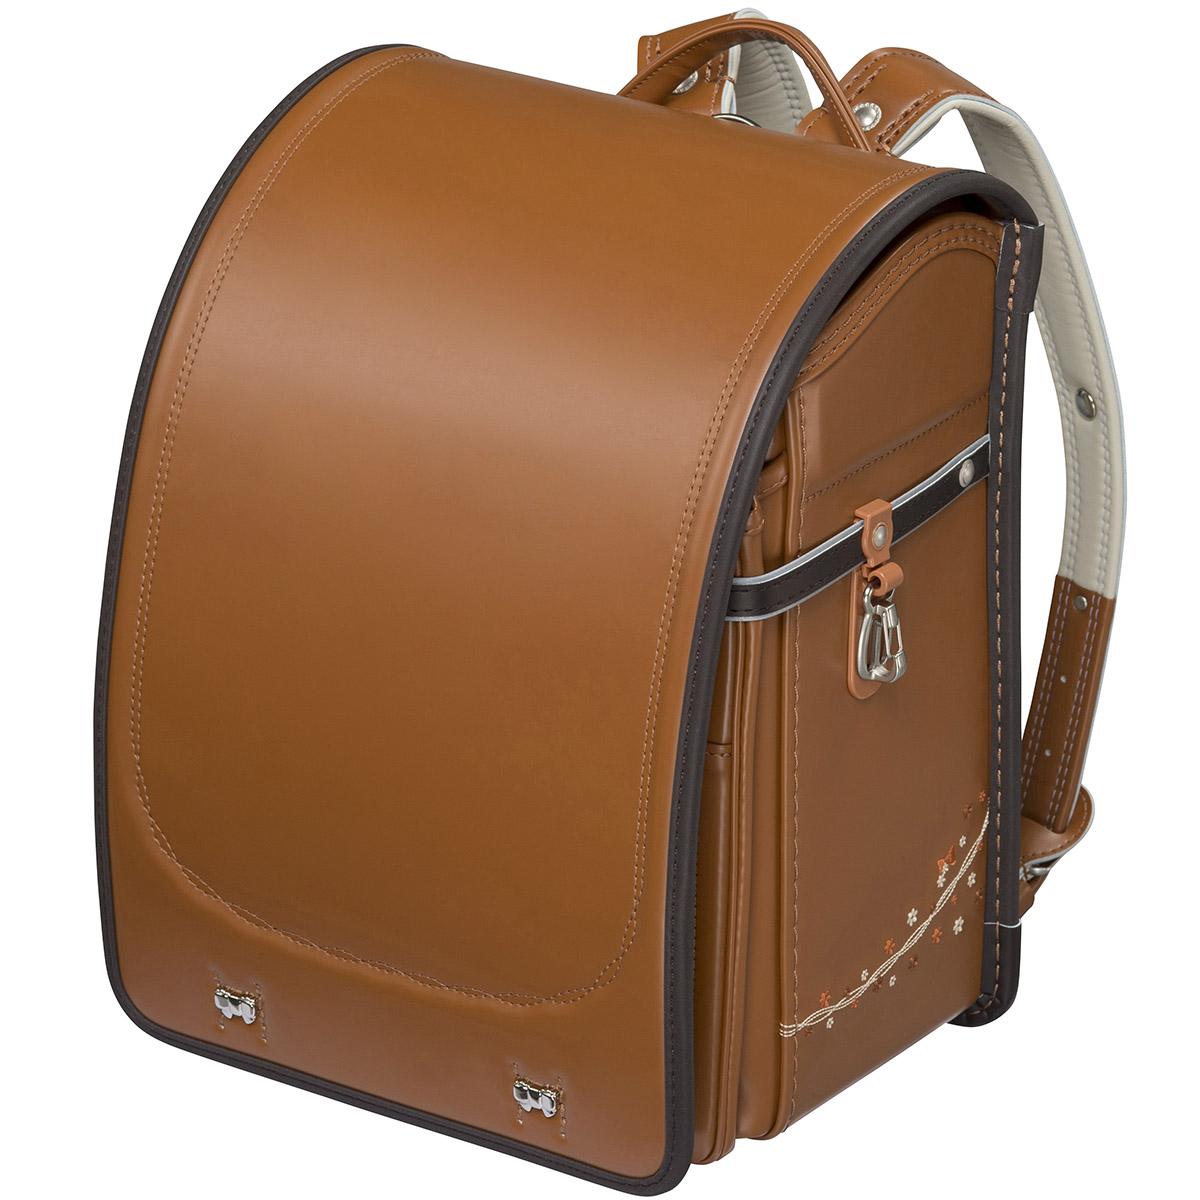 フィットちゃんランドセル プティガールプラス 安ピカッタイプ(FIT-229AW) A4フラットファイル収納サイズ